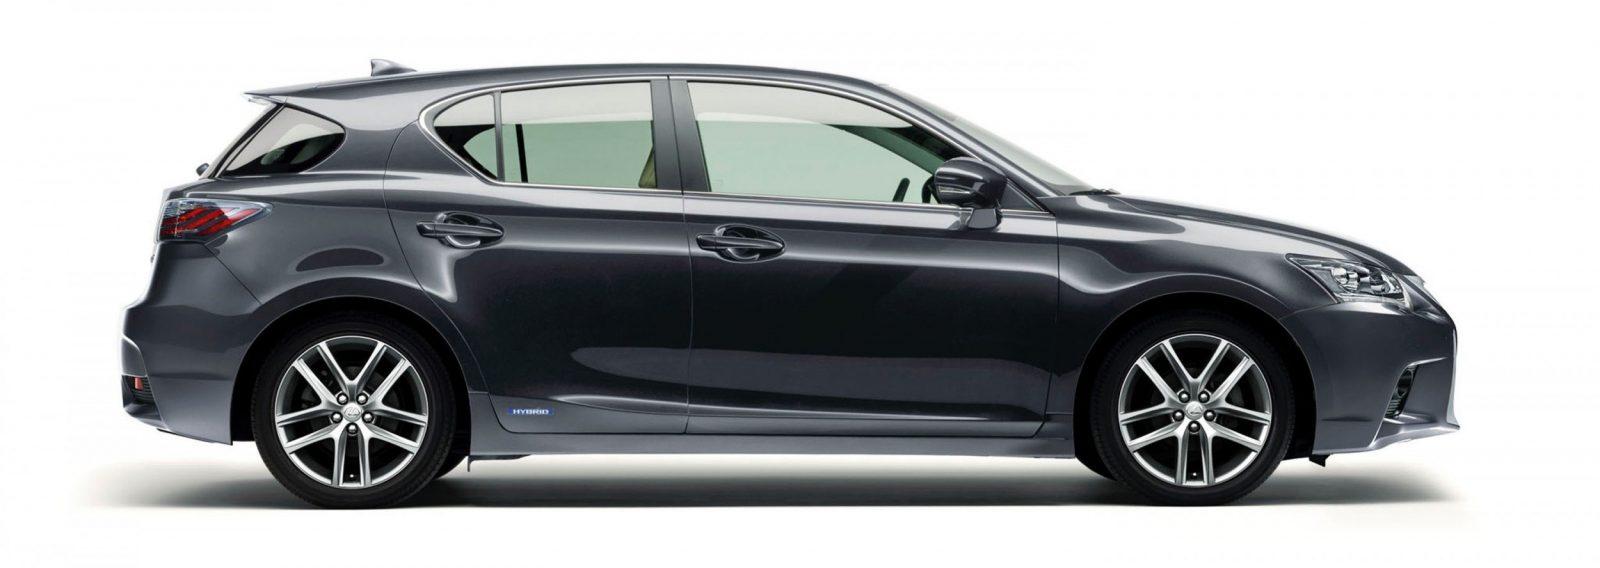 2014_Lexus_CT_200h_005